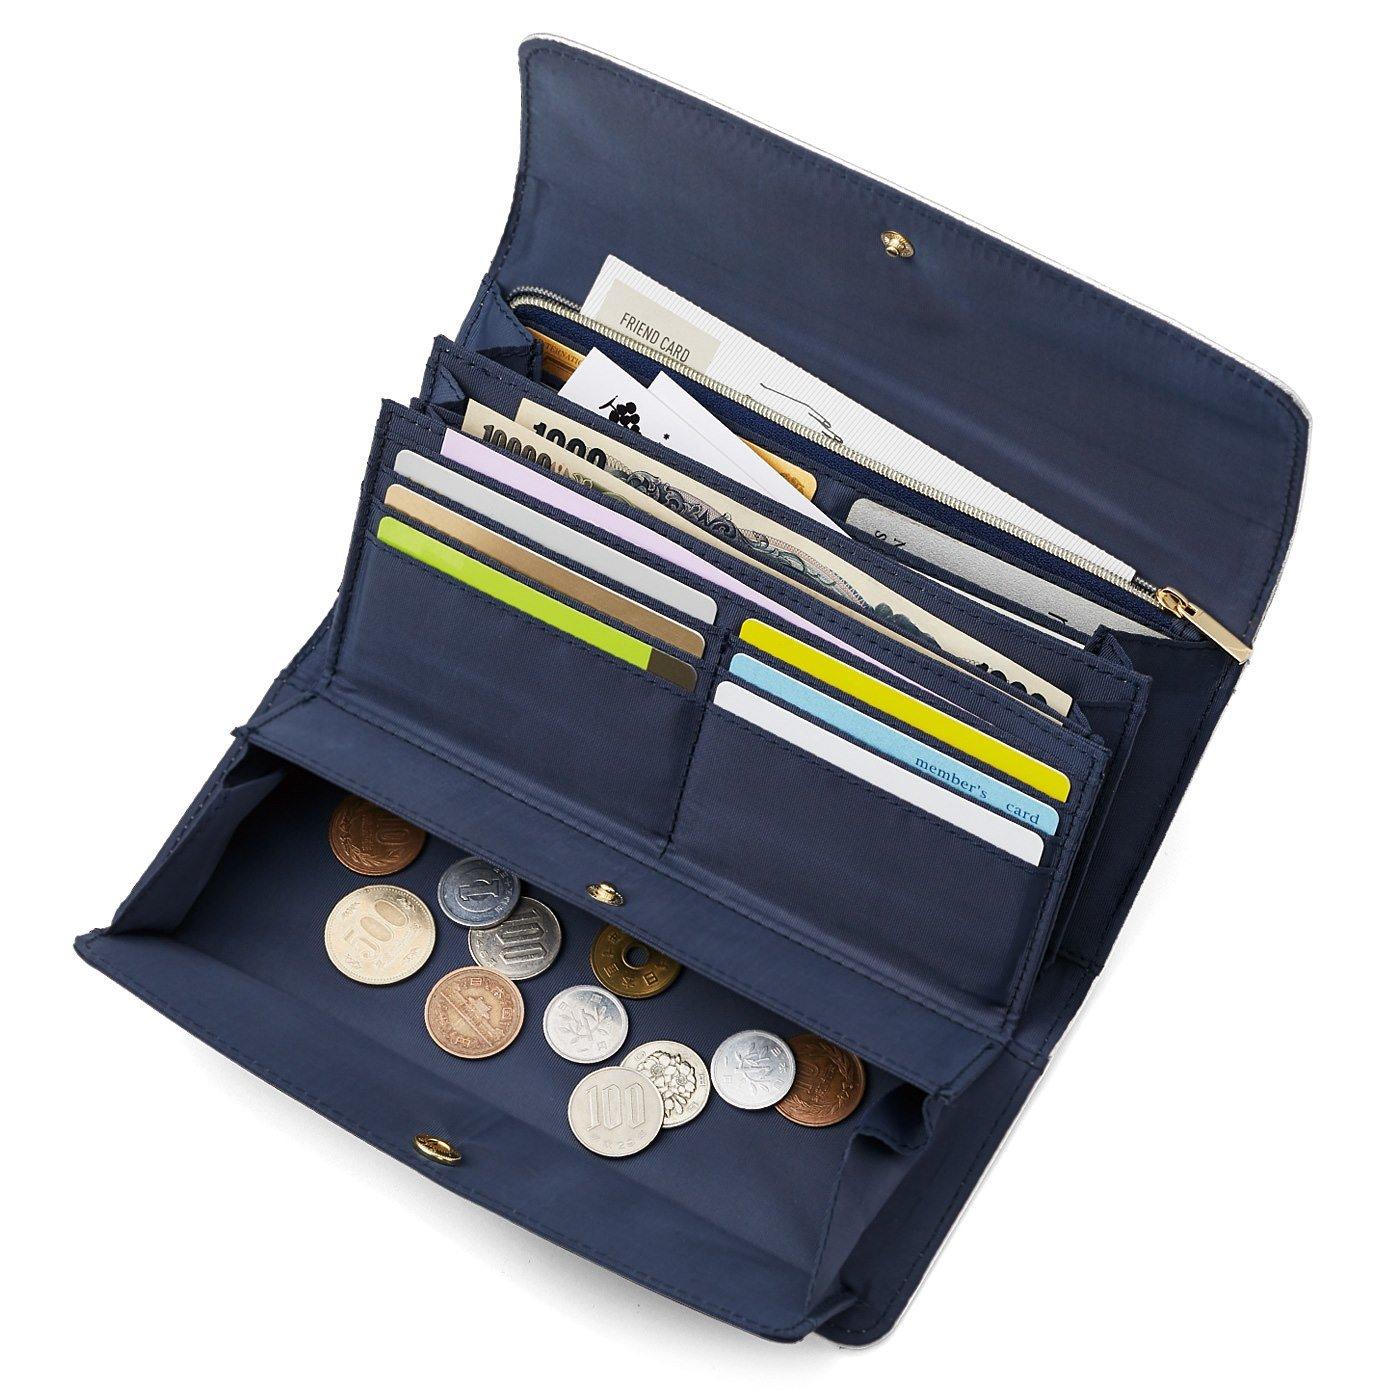 ラミプリュス 華やかシルバー大人の賢い7つ星 収納上手な本革長財布